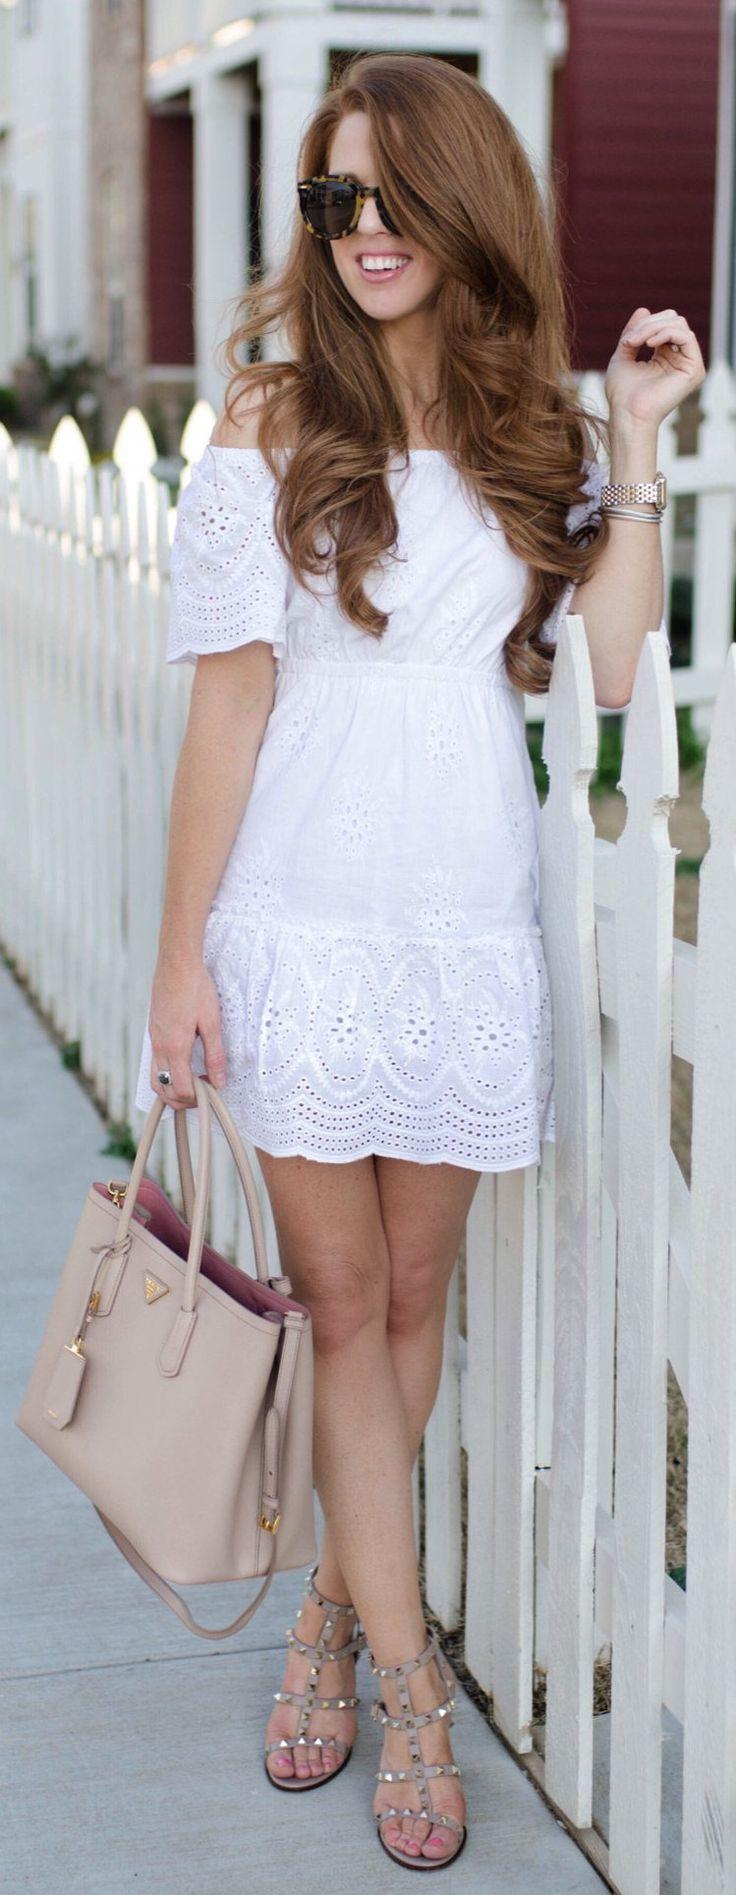 White Off Shoulder Dress & Beige Leather Tote Bag